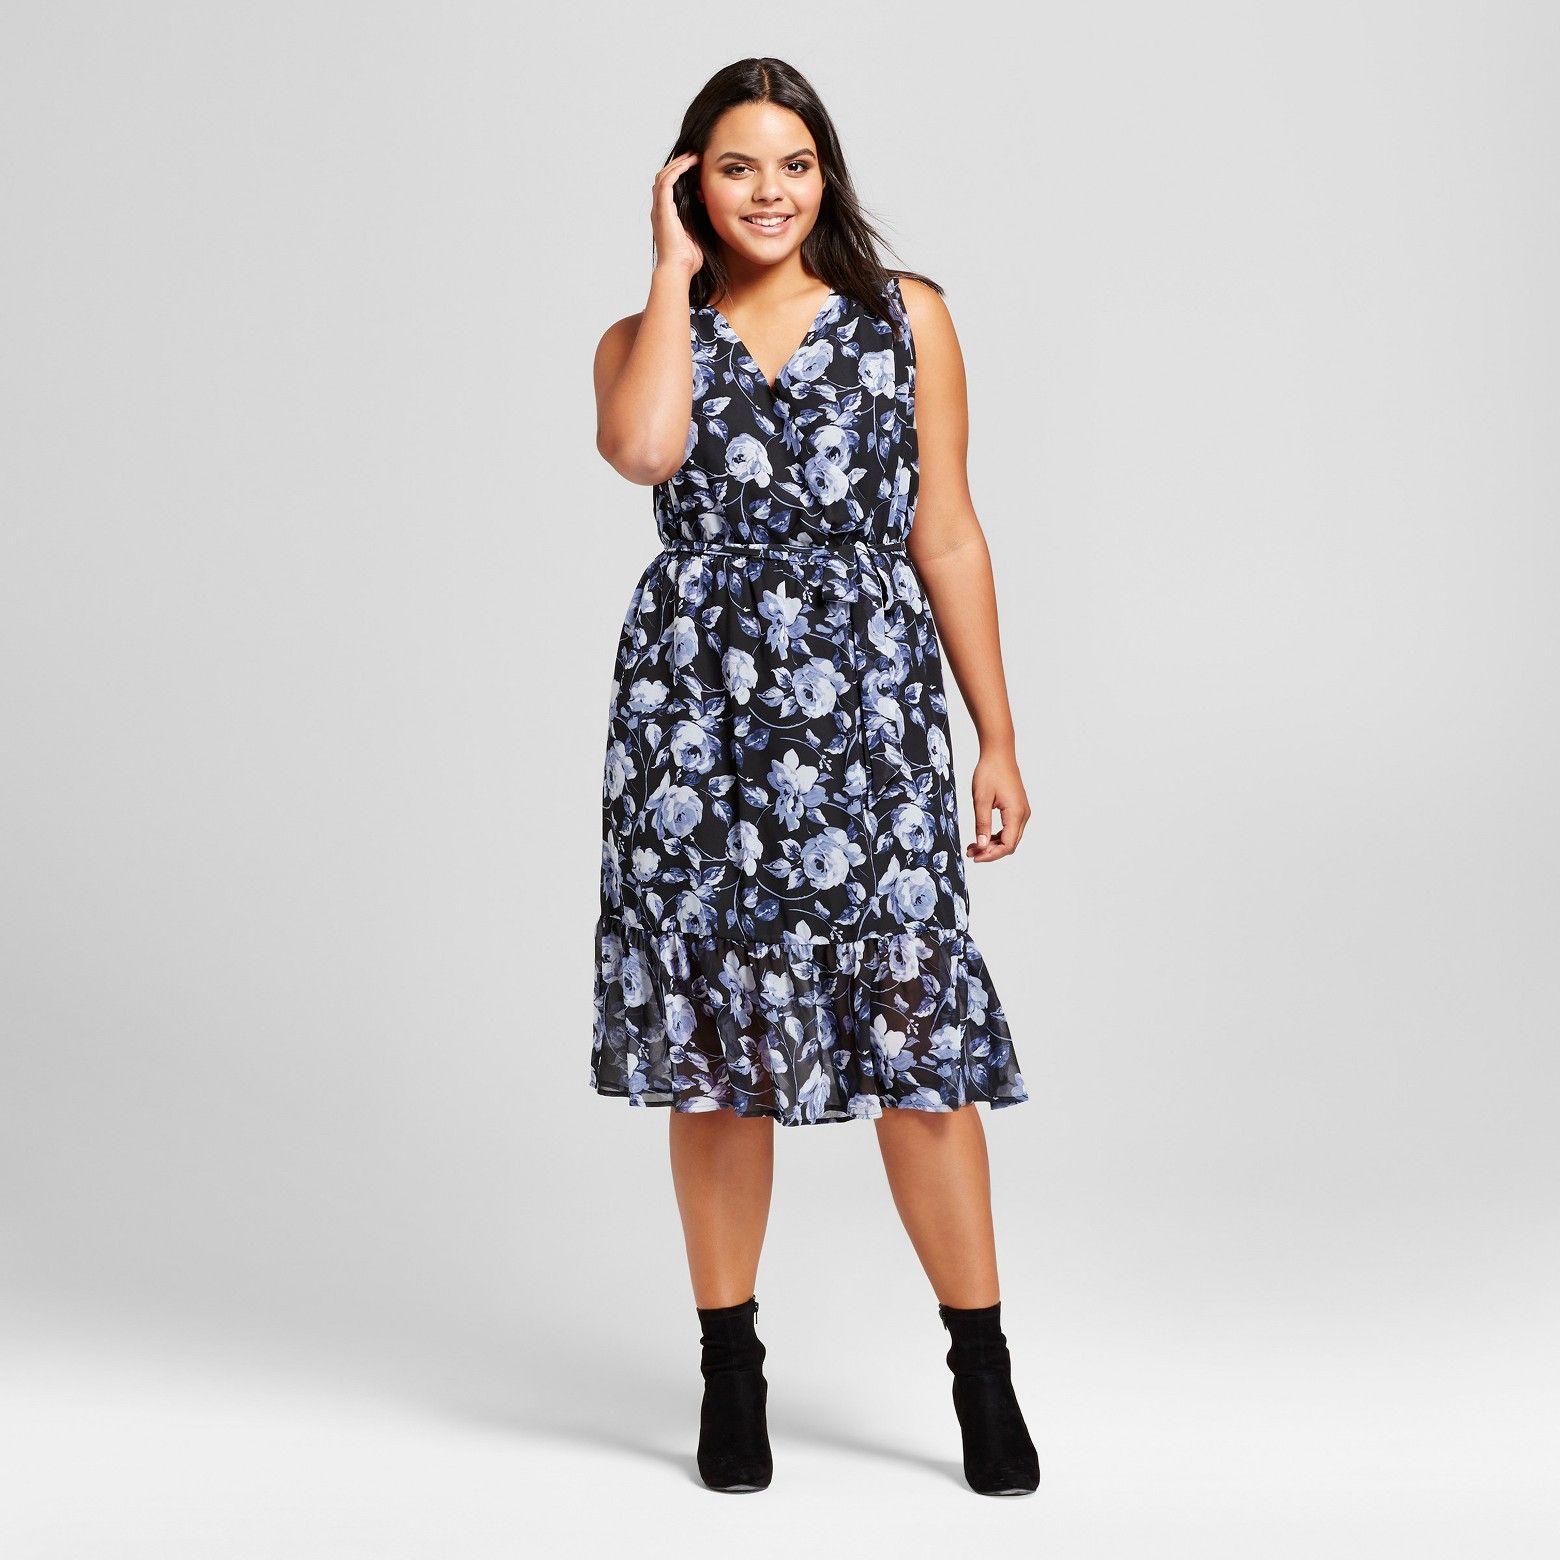 Women S Plus Size Floral Print Midi Dress A New Day Blue Target Floral Print Midi Dress Dresses Midi Dress [ 1560 x 1560 Pixel ]